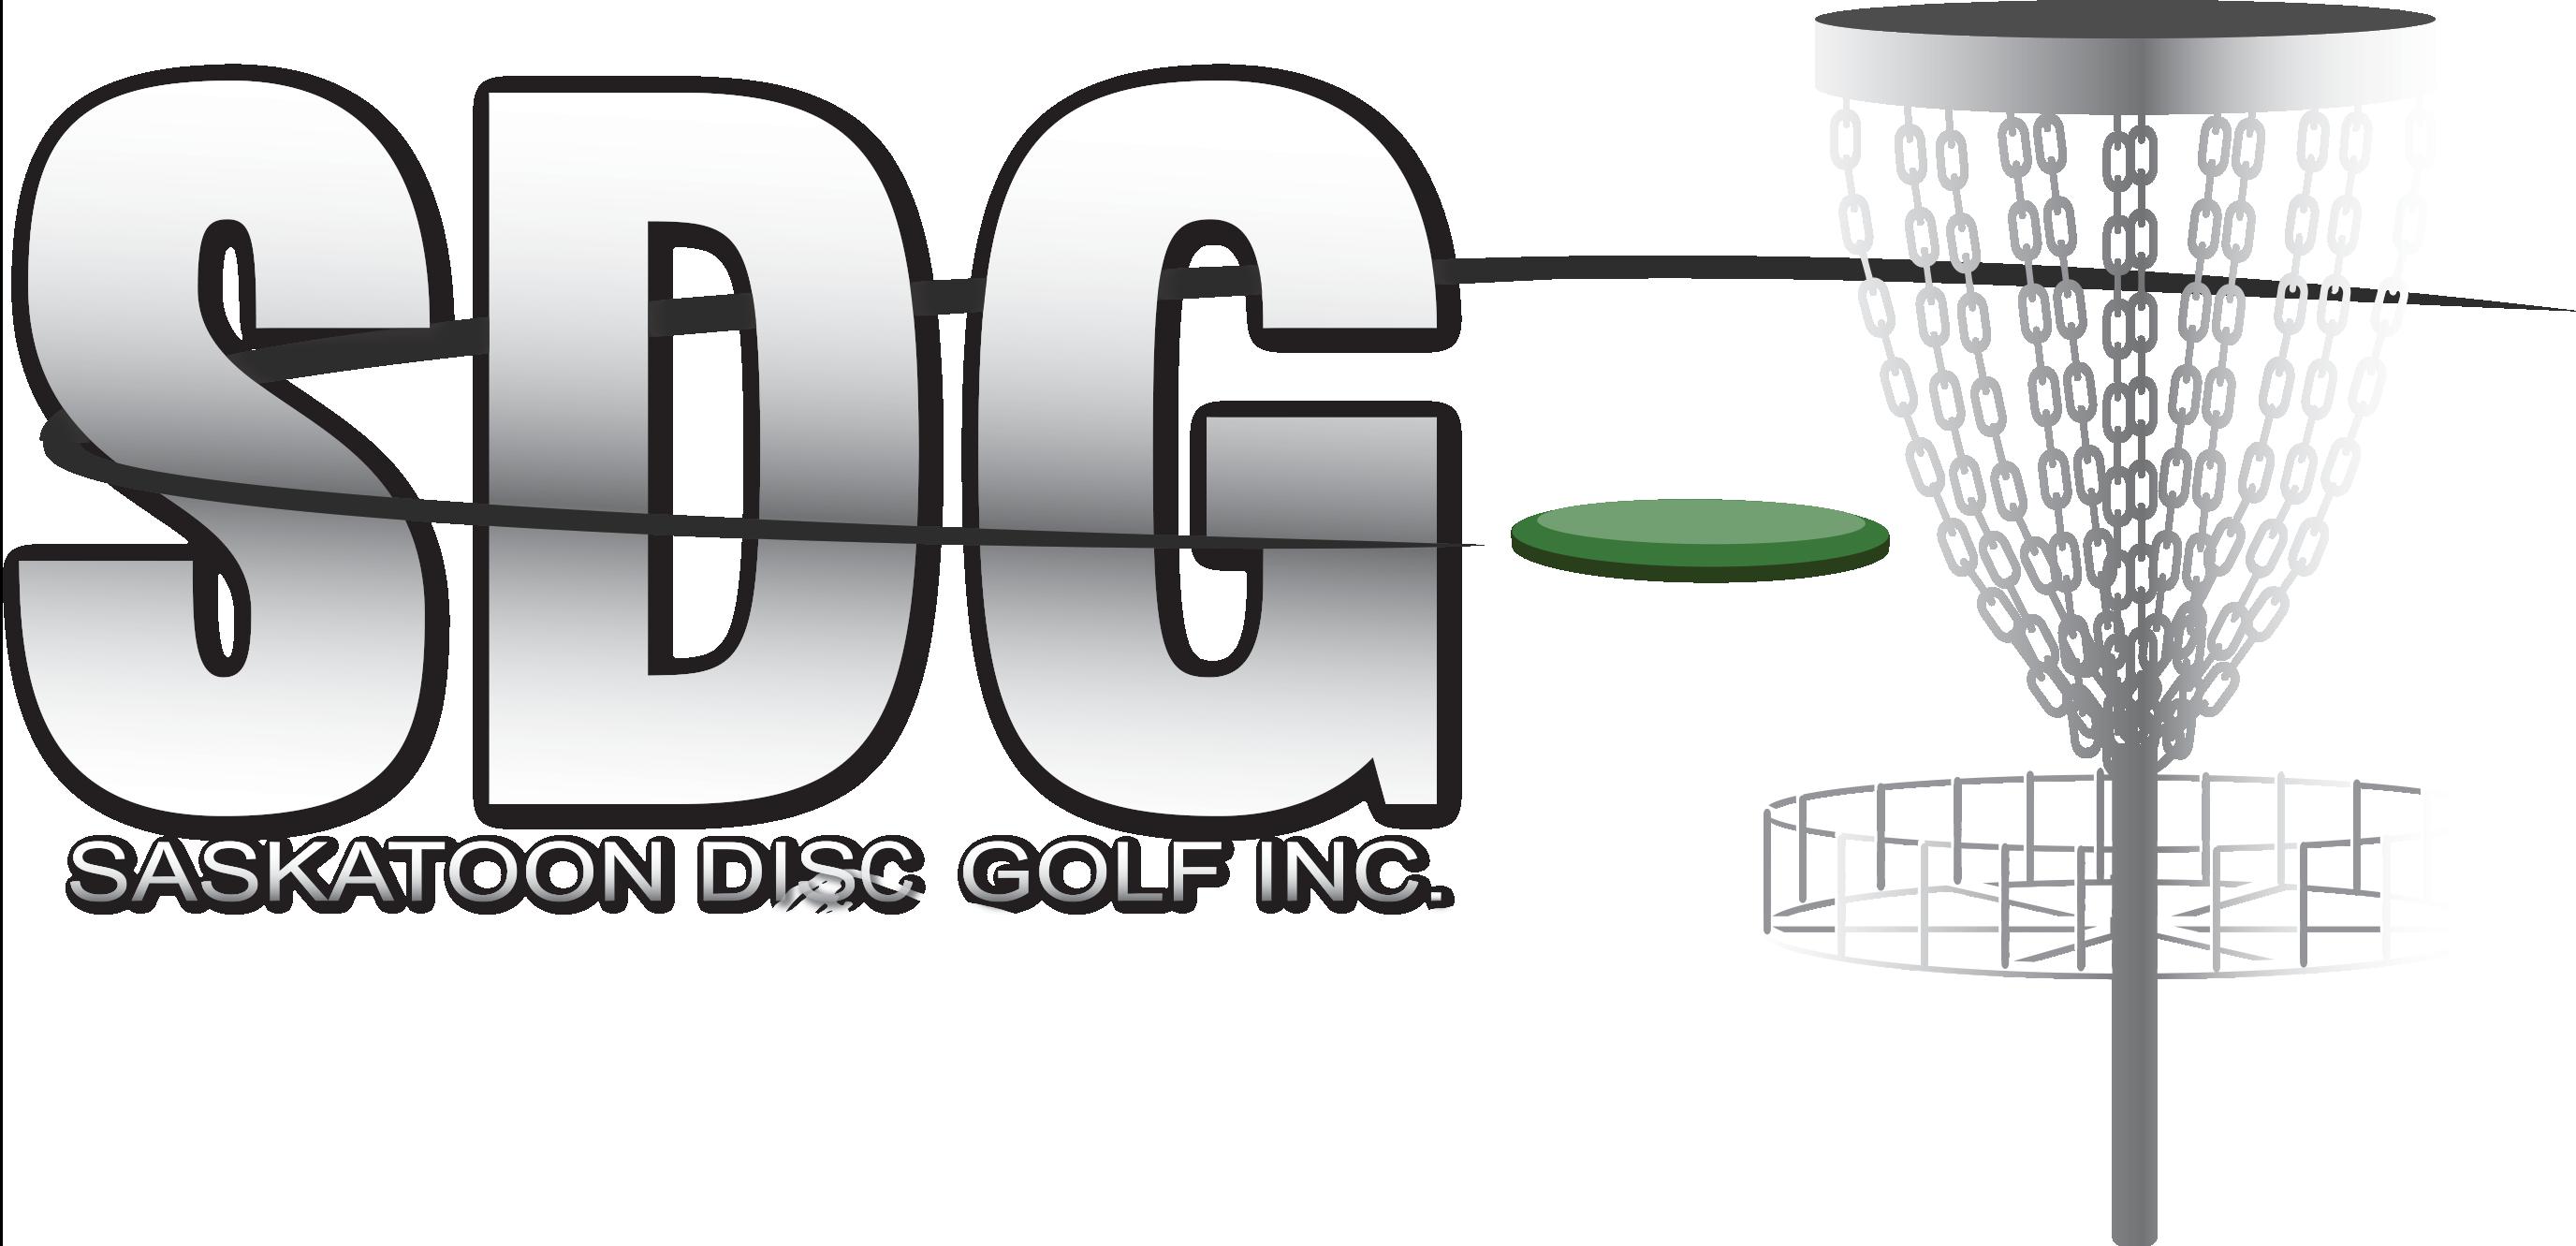 Saskatoon Disc Golf